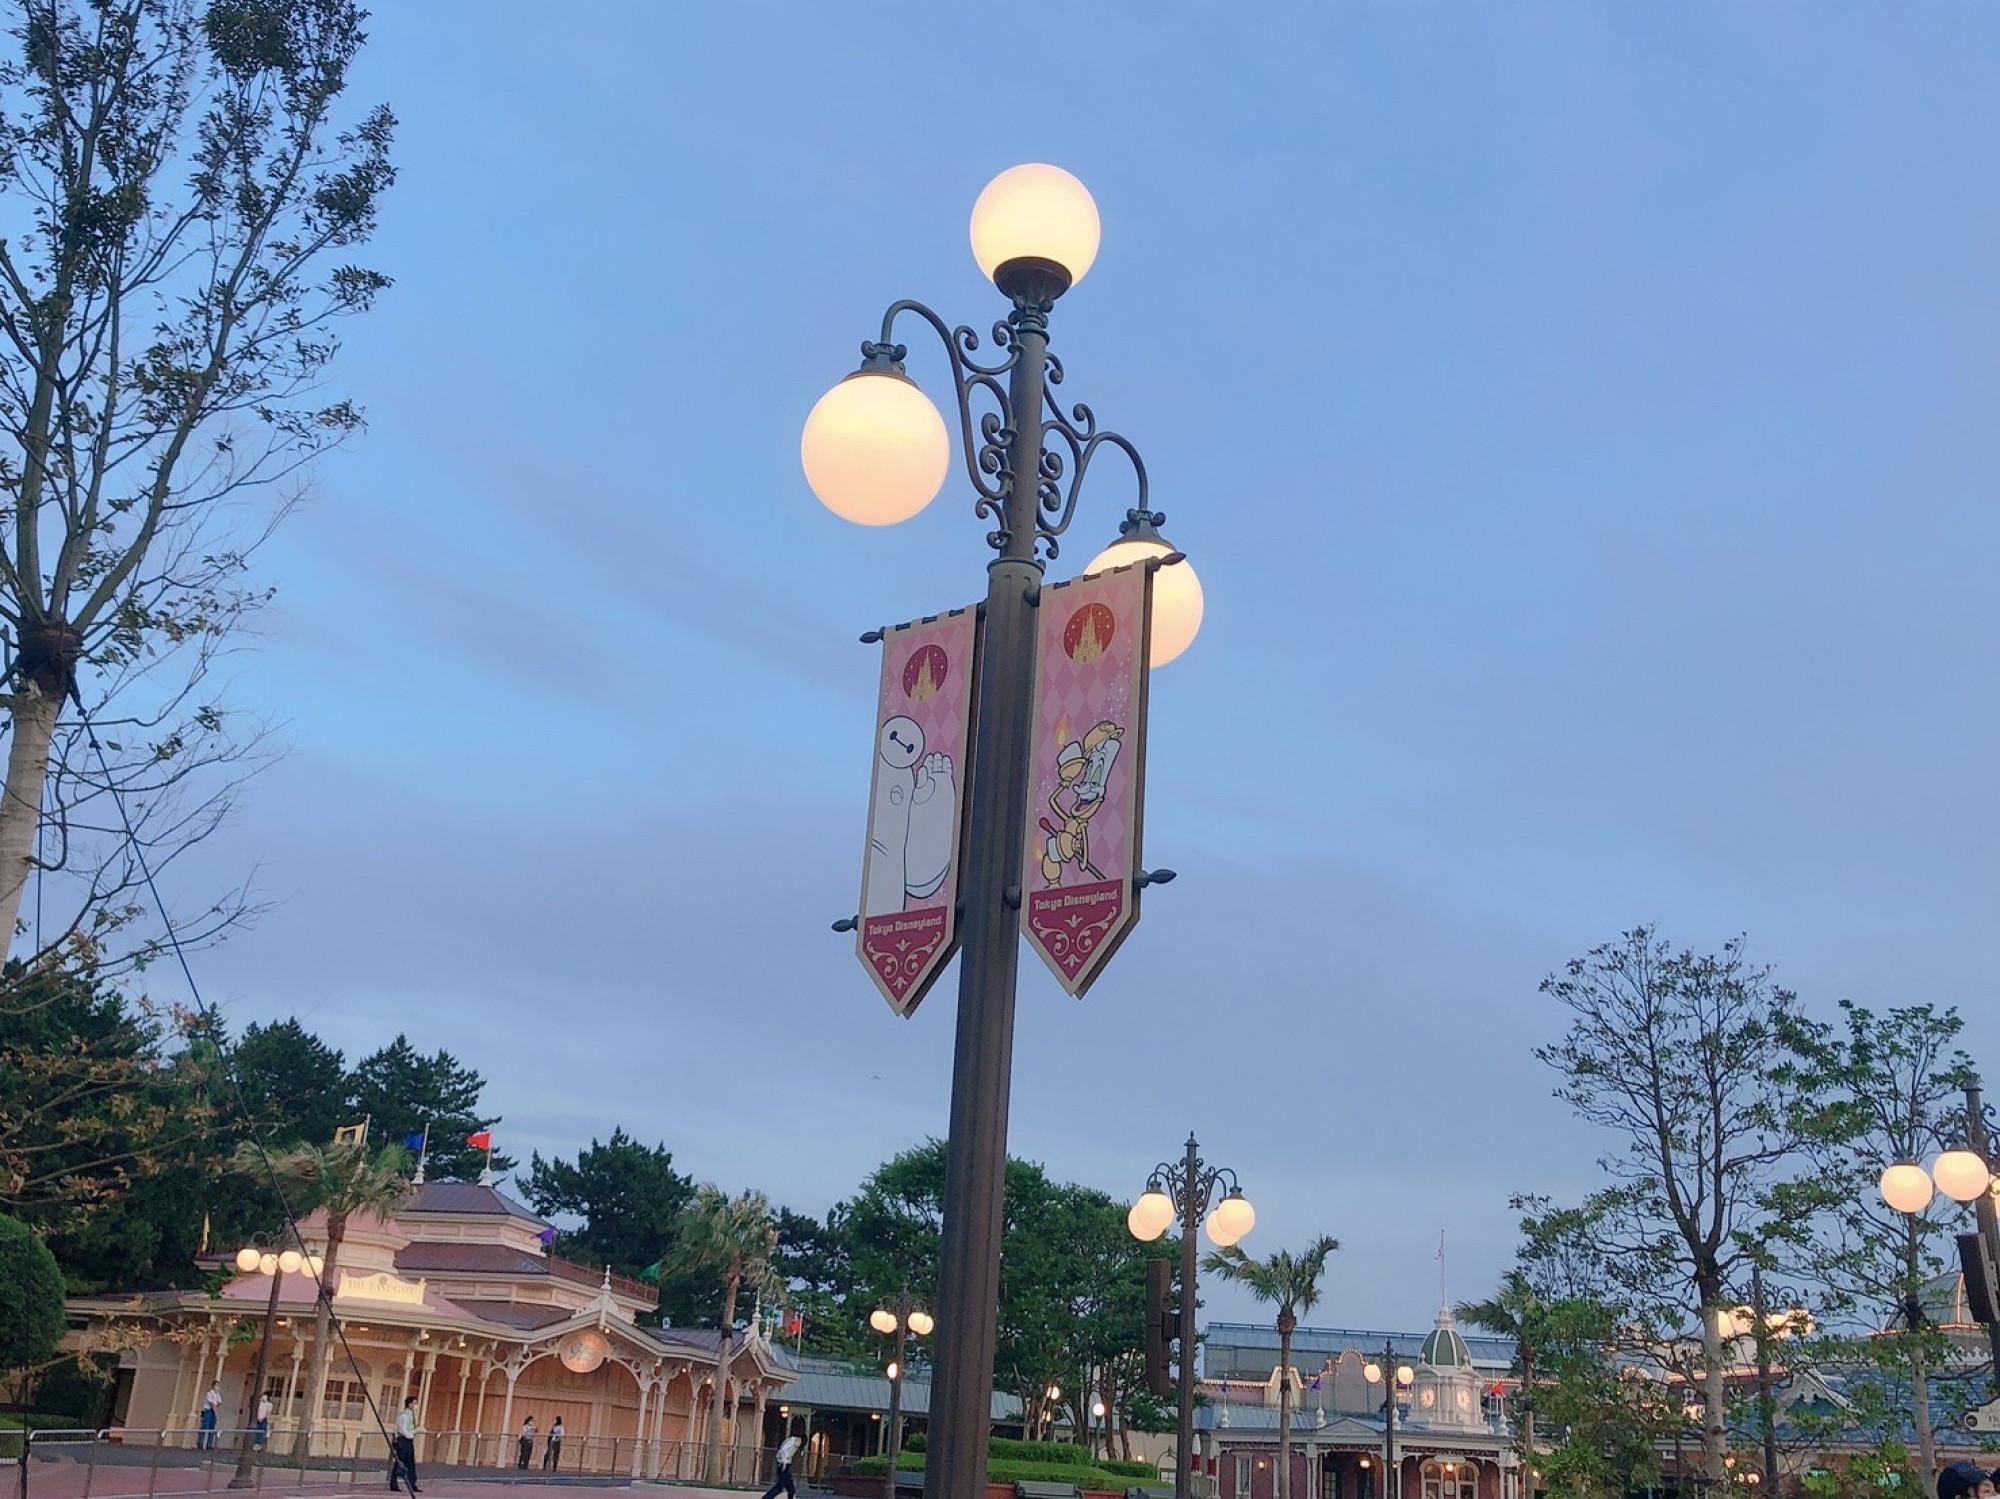 ディズニーランドエントランスの街灯